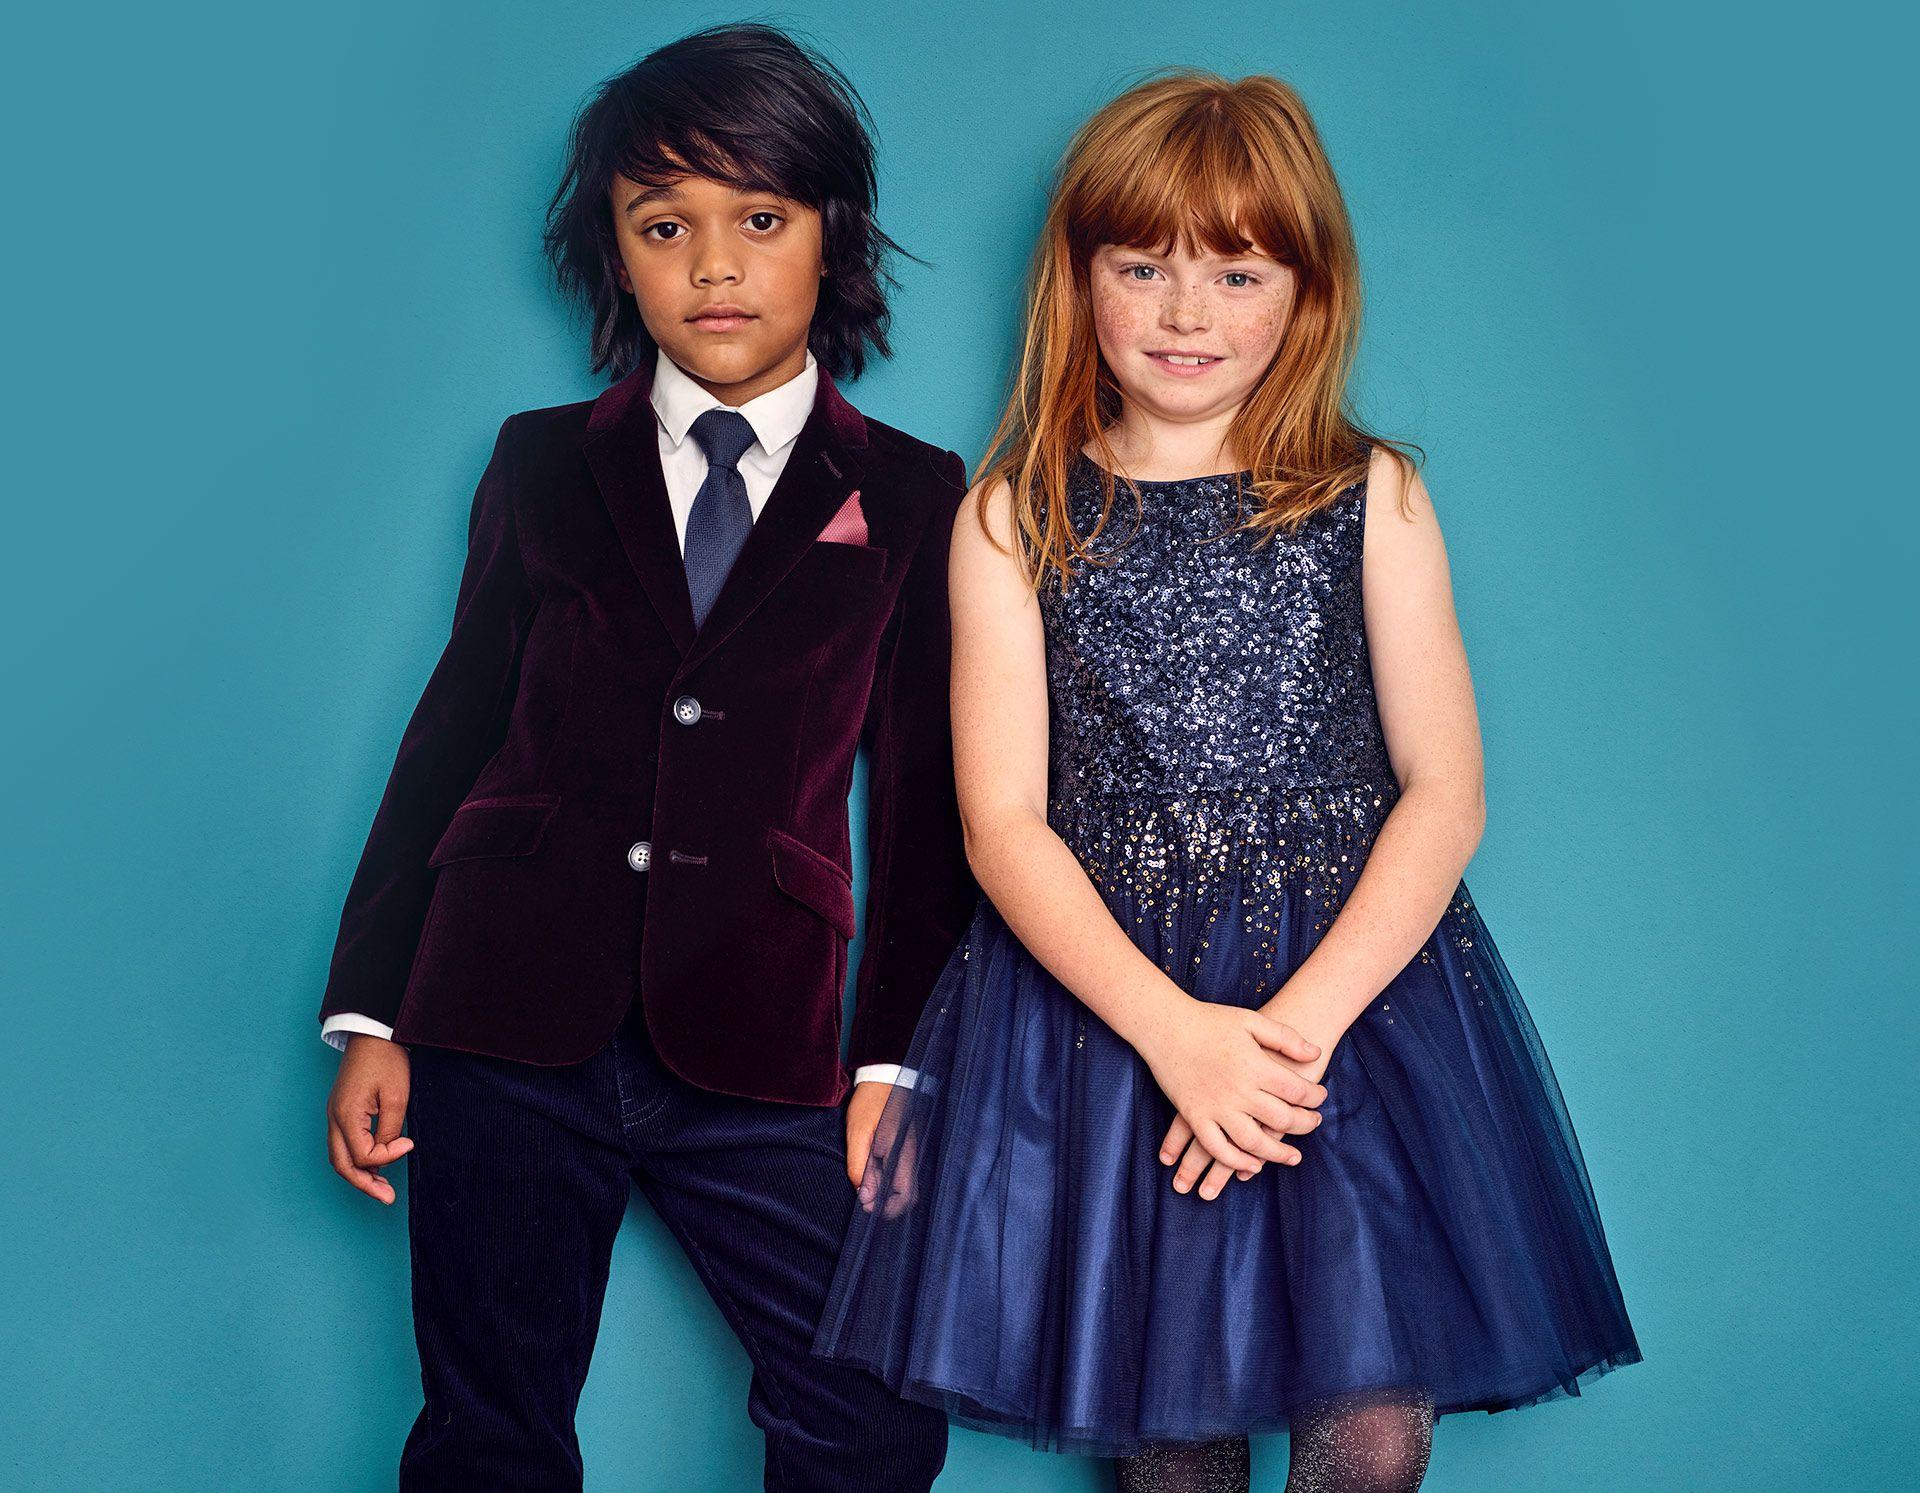 Children's partywear